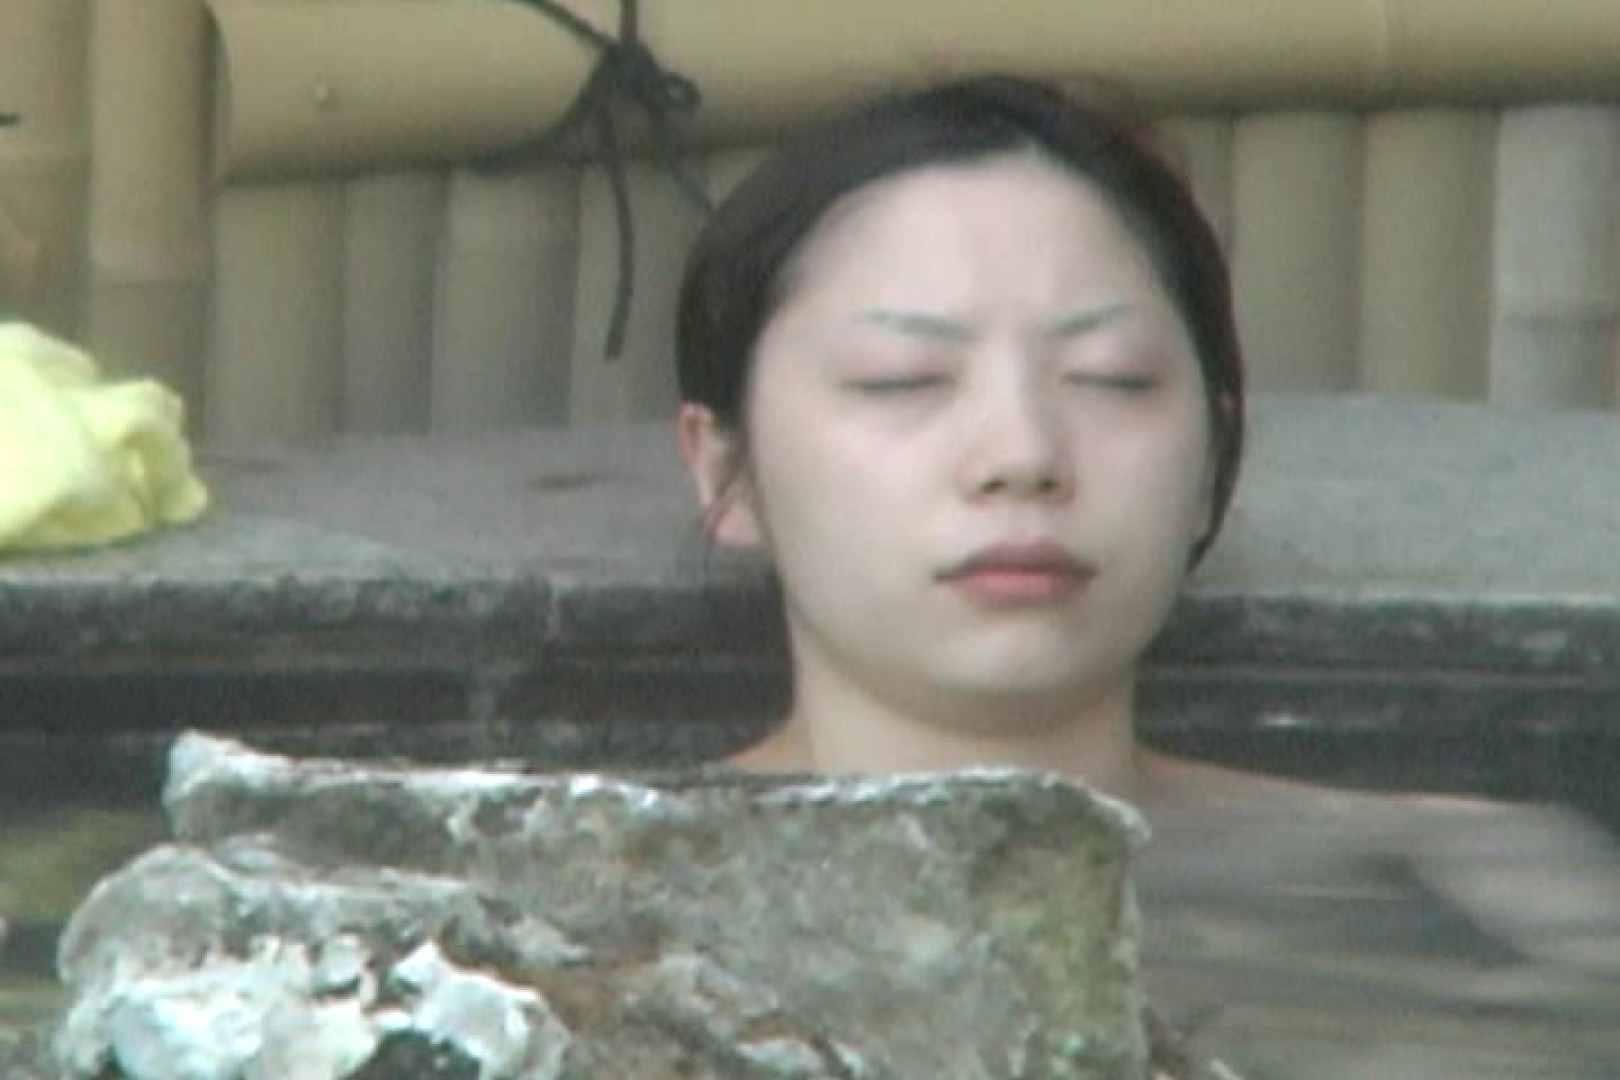 Aquaな露天風呂Vol.596 盗撮シリーズ  113PIX 70